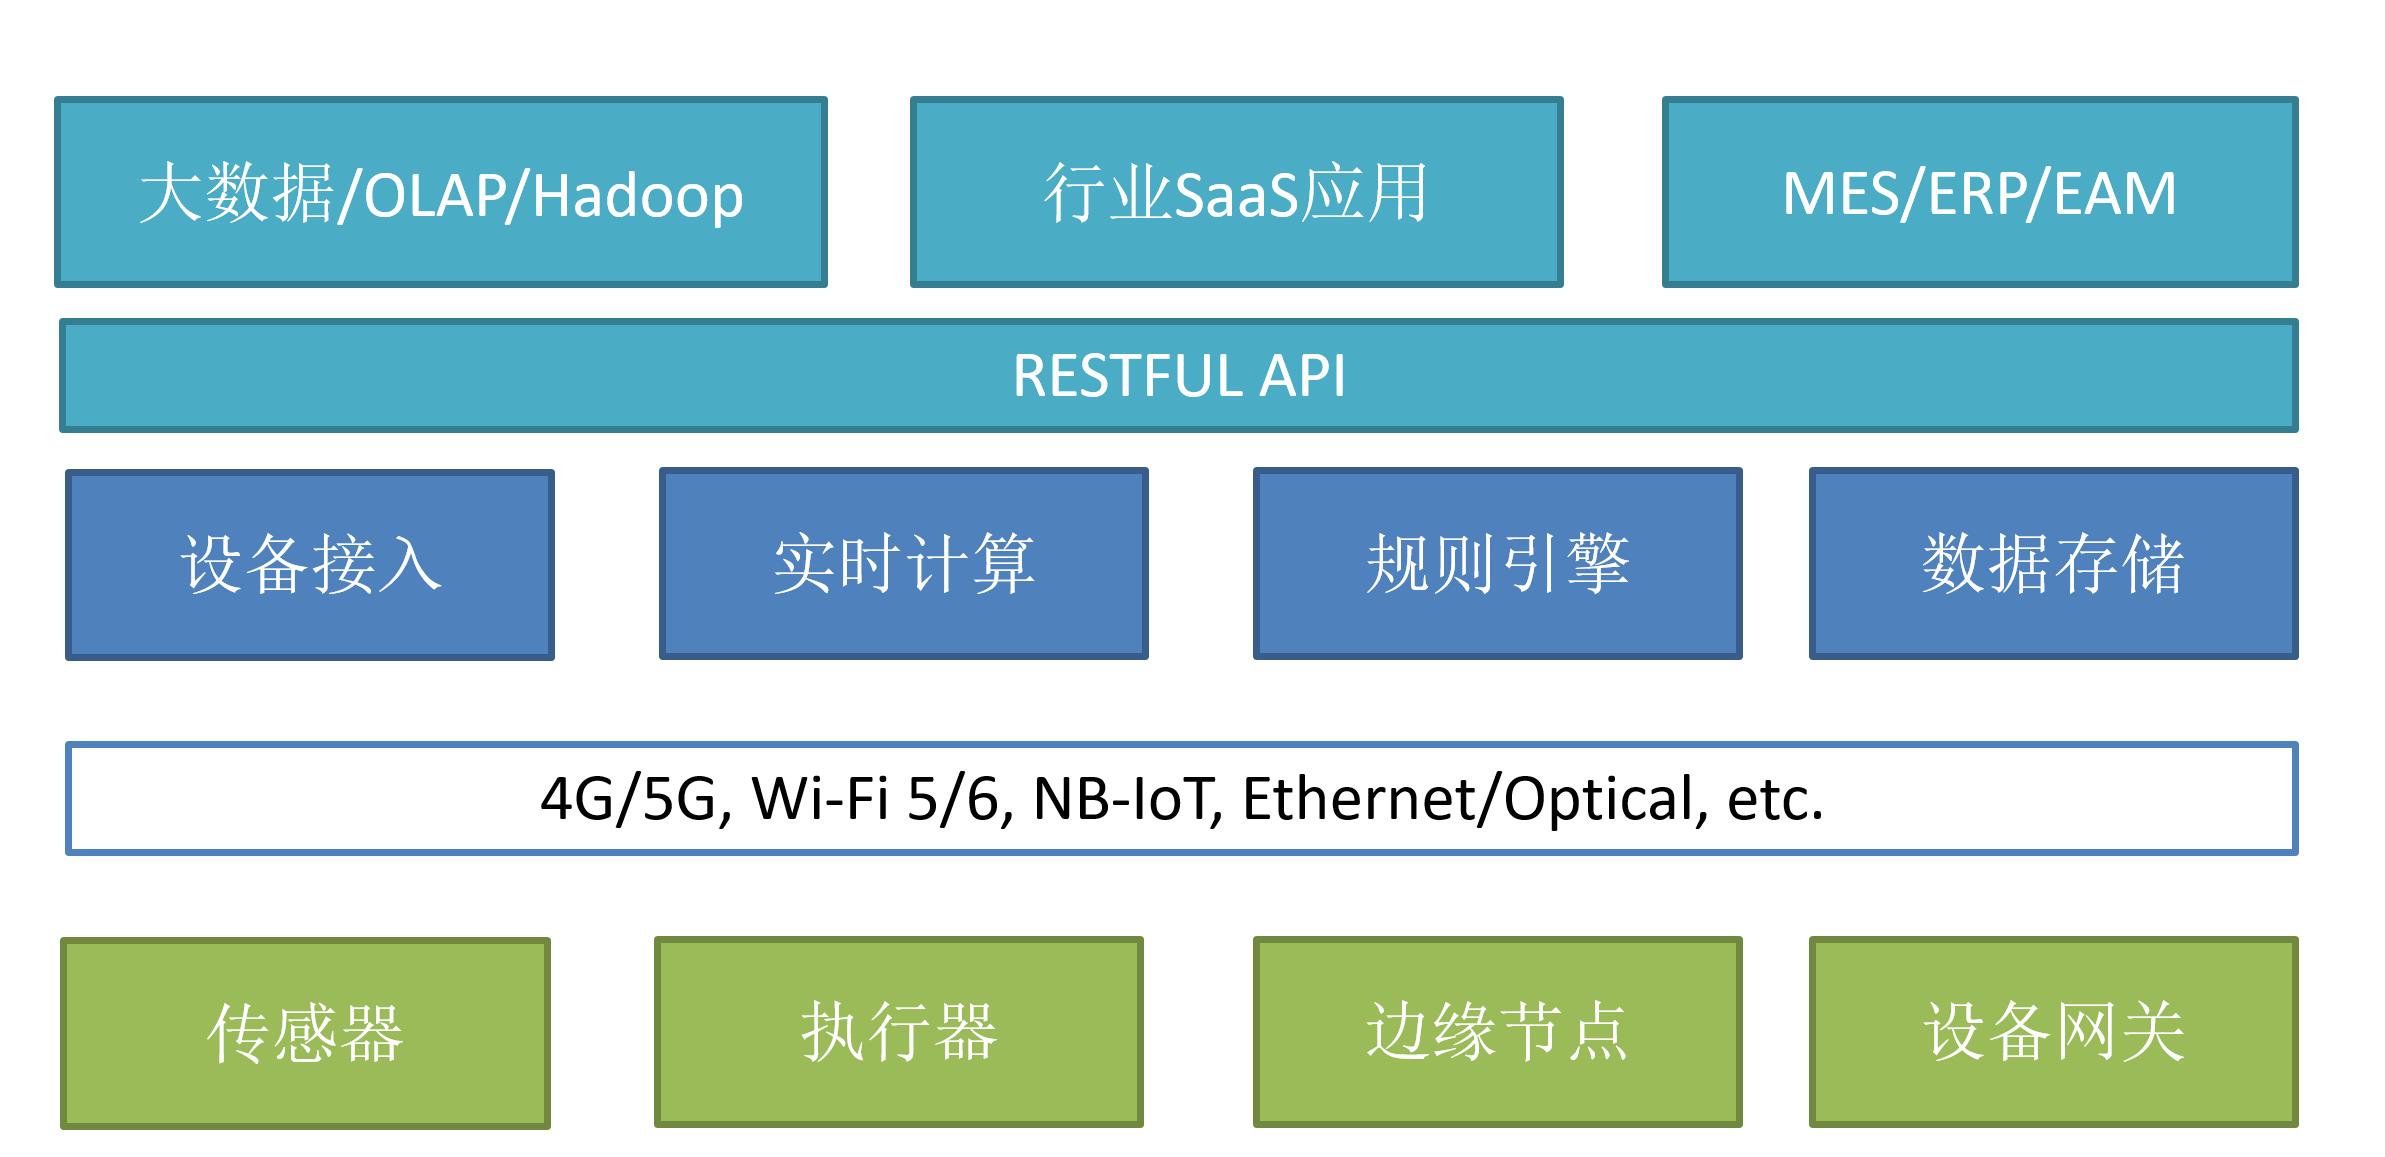 物联网关键技术:如何实现设备接入